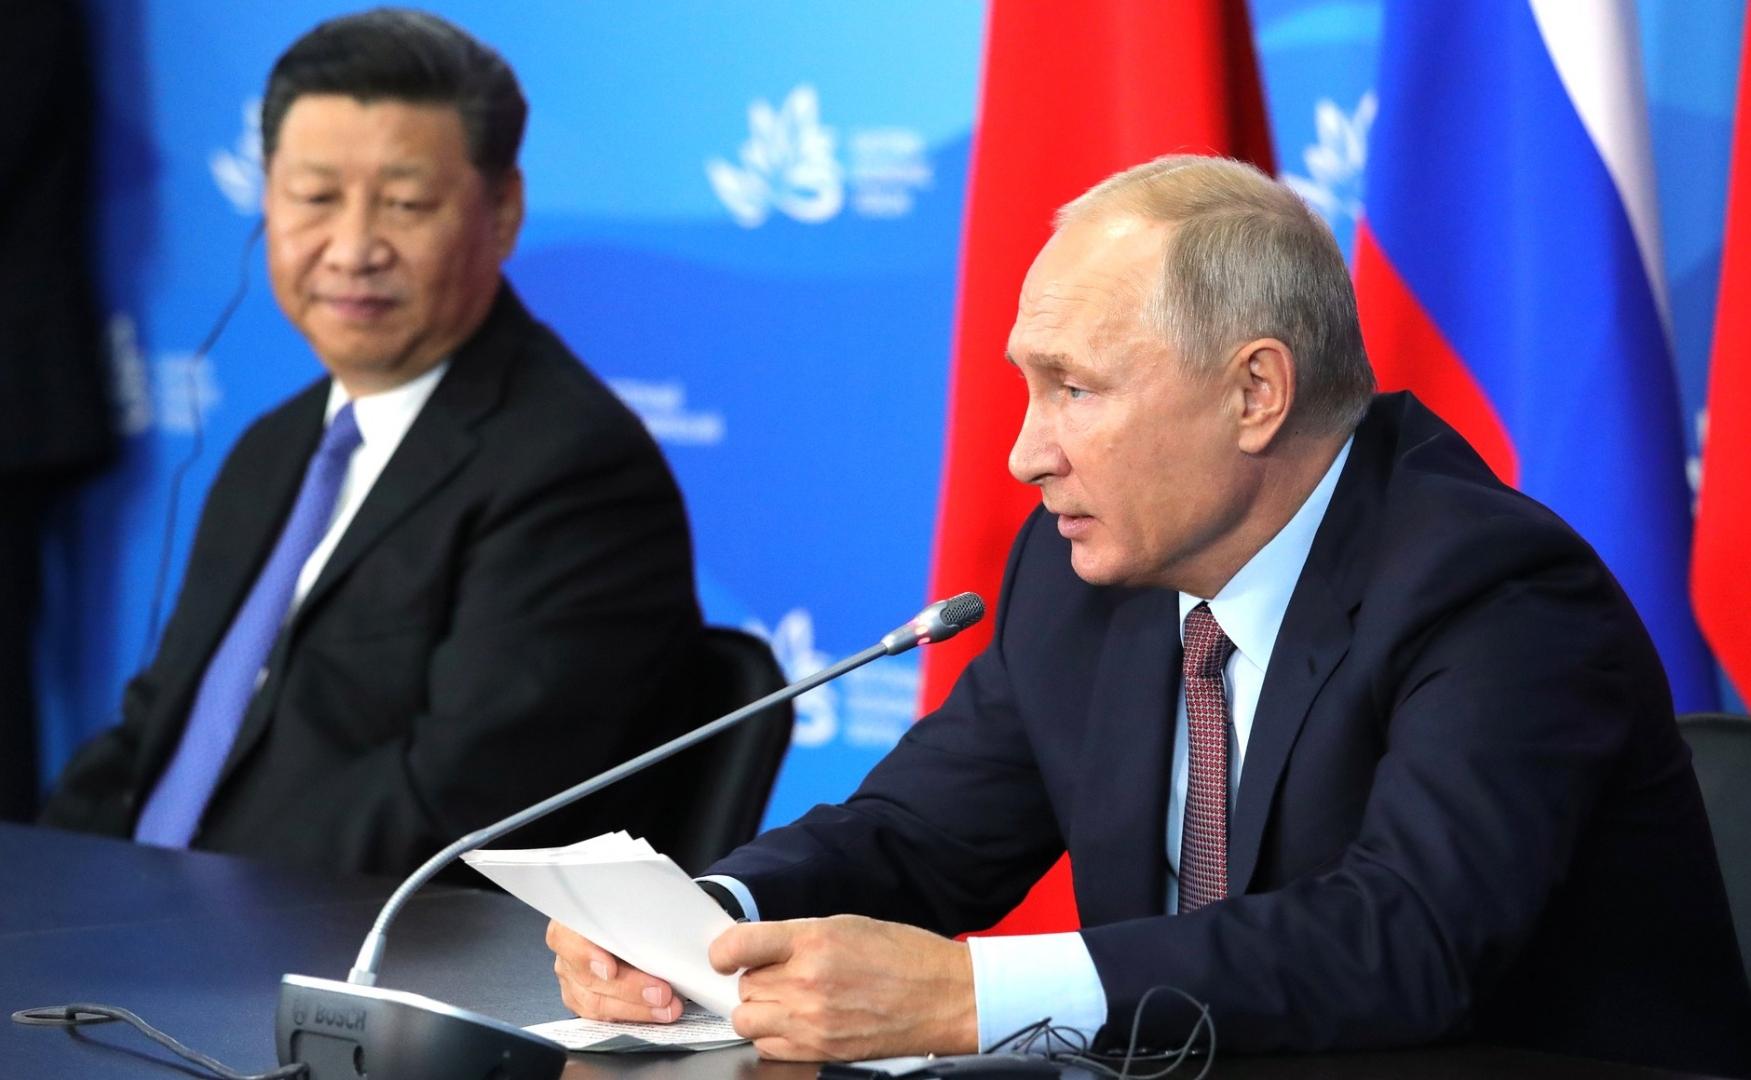 Заявления для прессы по итогам российско-китайских переговоров. 11 сентября 2018 года, Владивосток